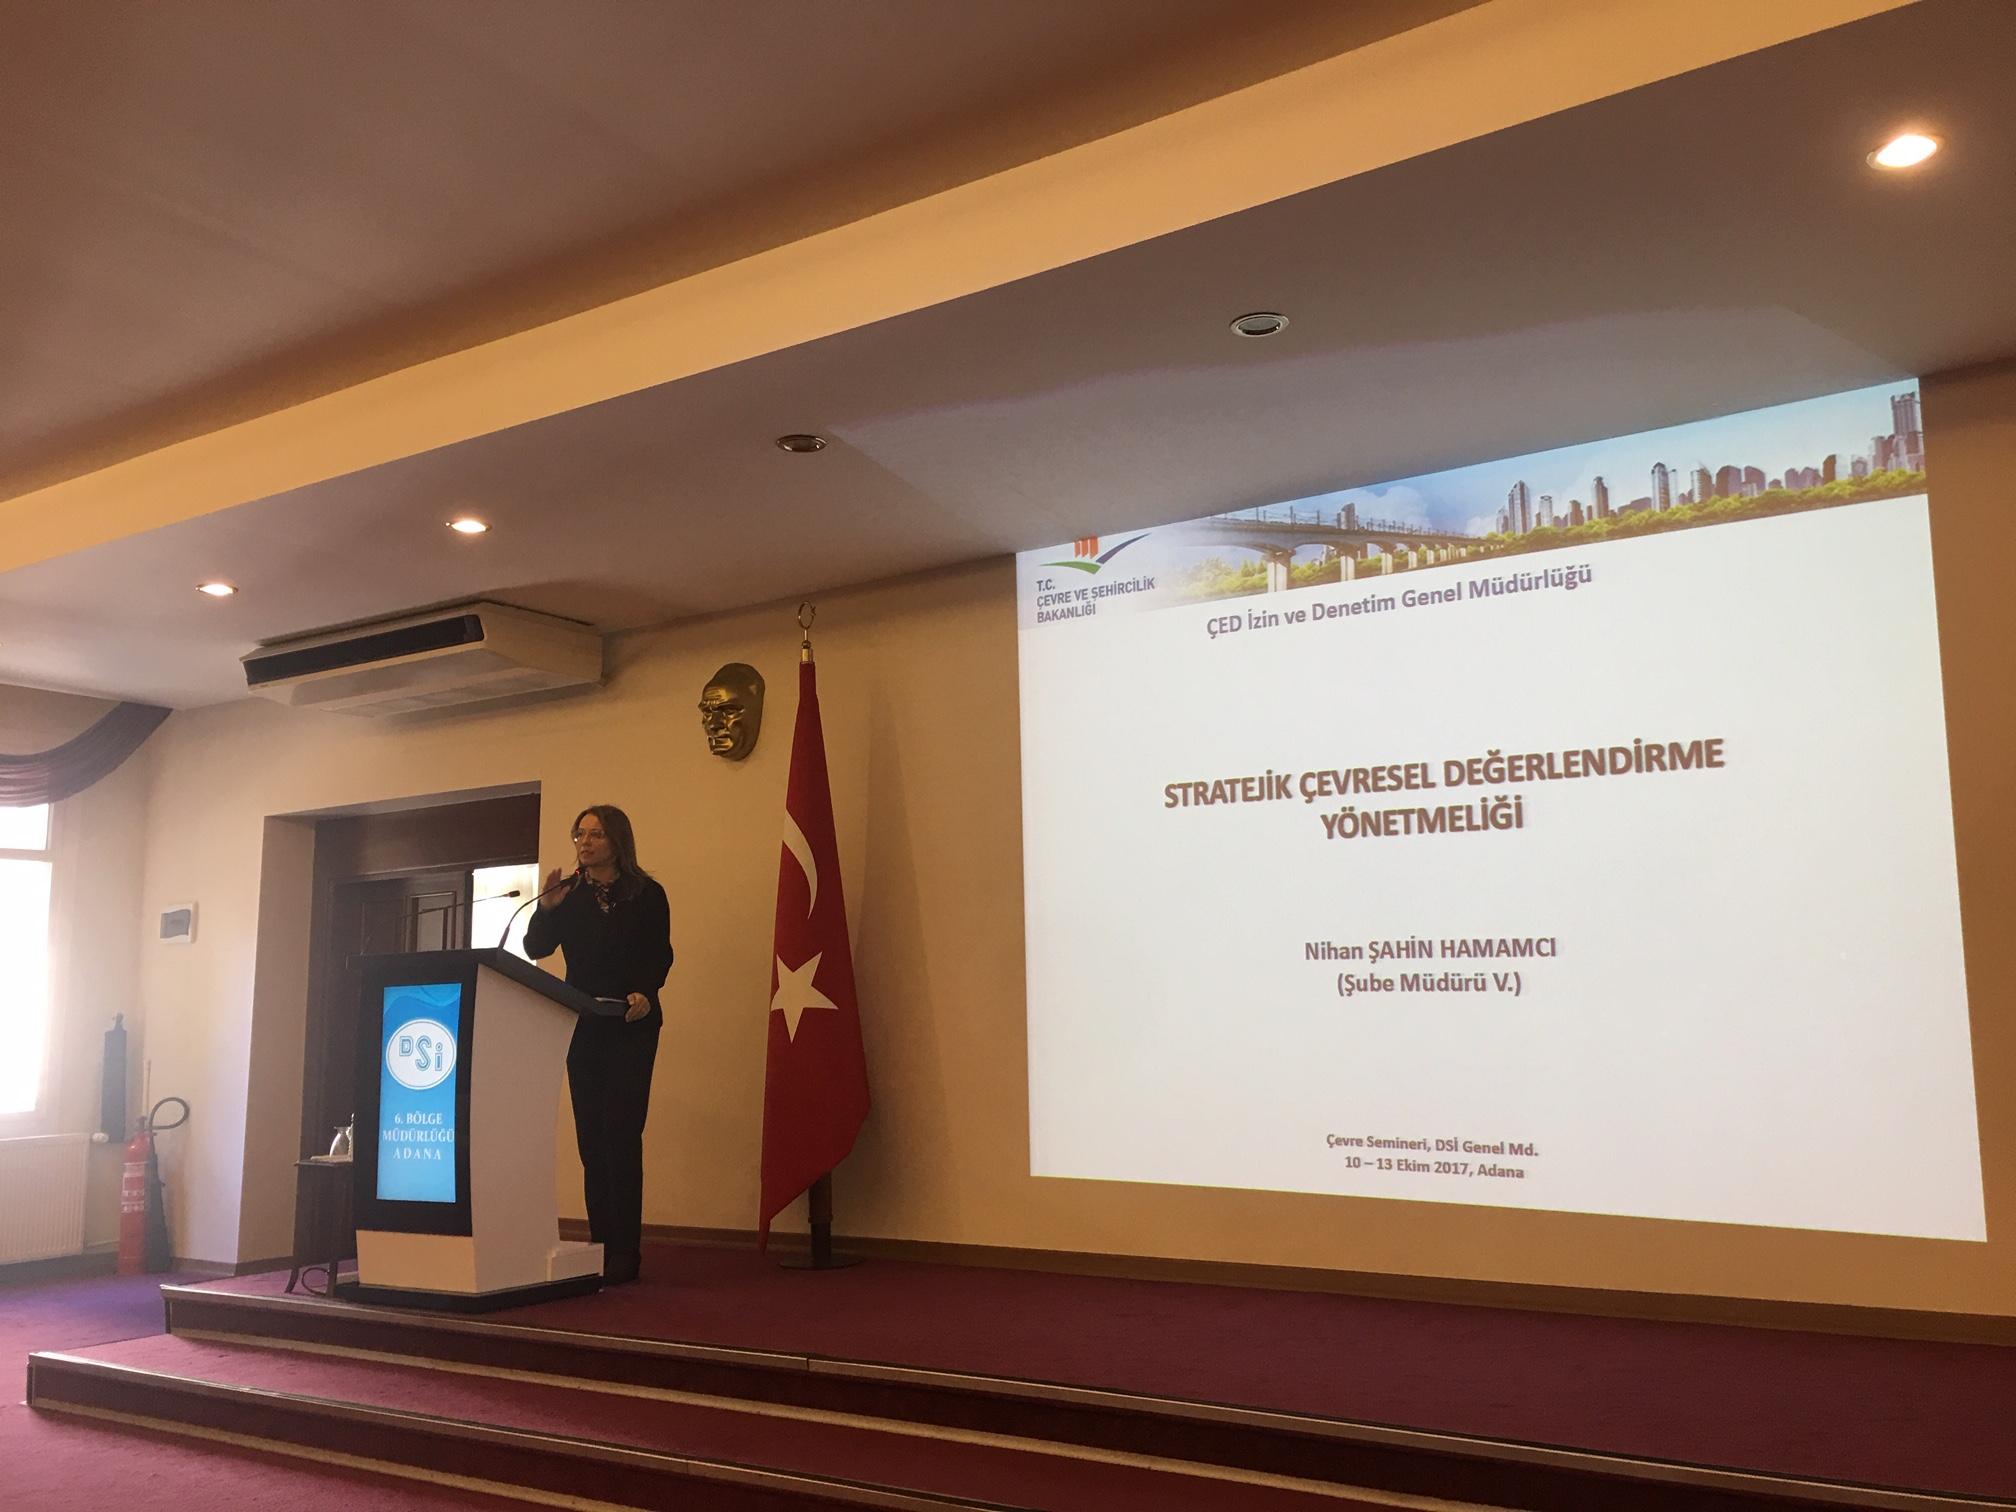 Devlet Su İşleri Genel Müdürlüğü (Adana) Hizmet İçi Eğitim Programında SÇD ve ÇED Yönetmelikleri Sunumu Yapılmıştır.